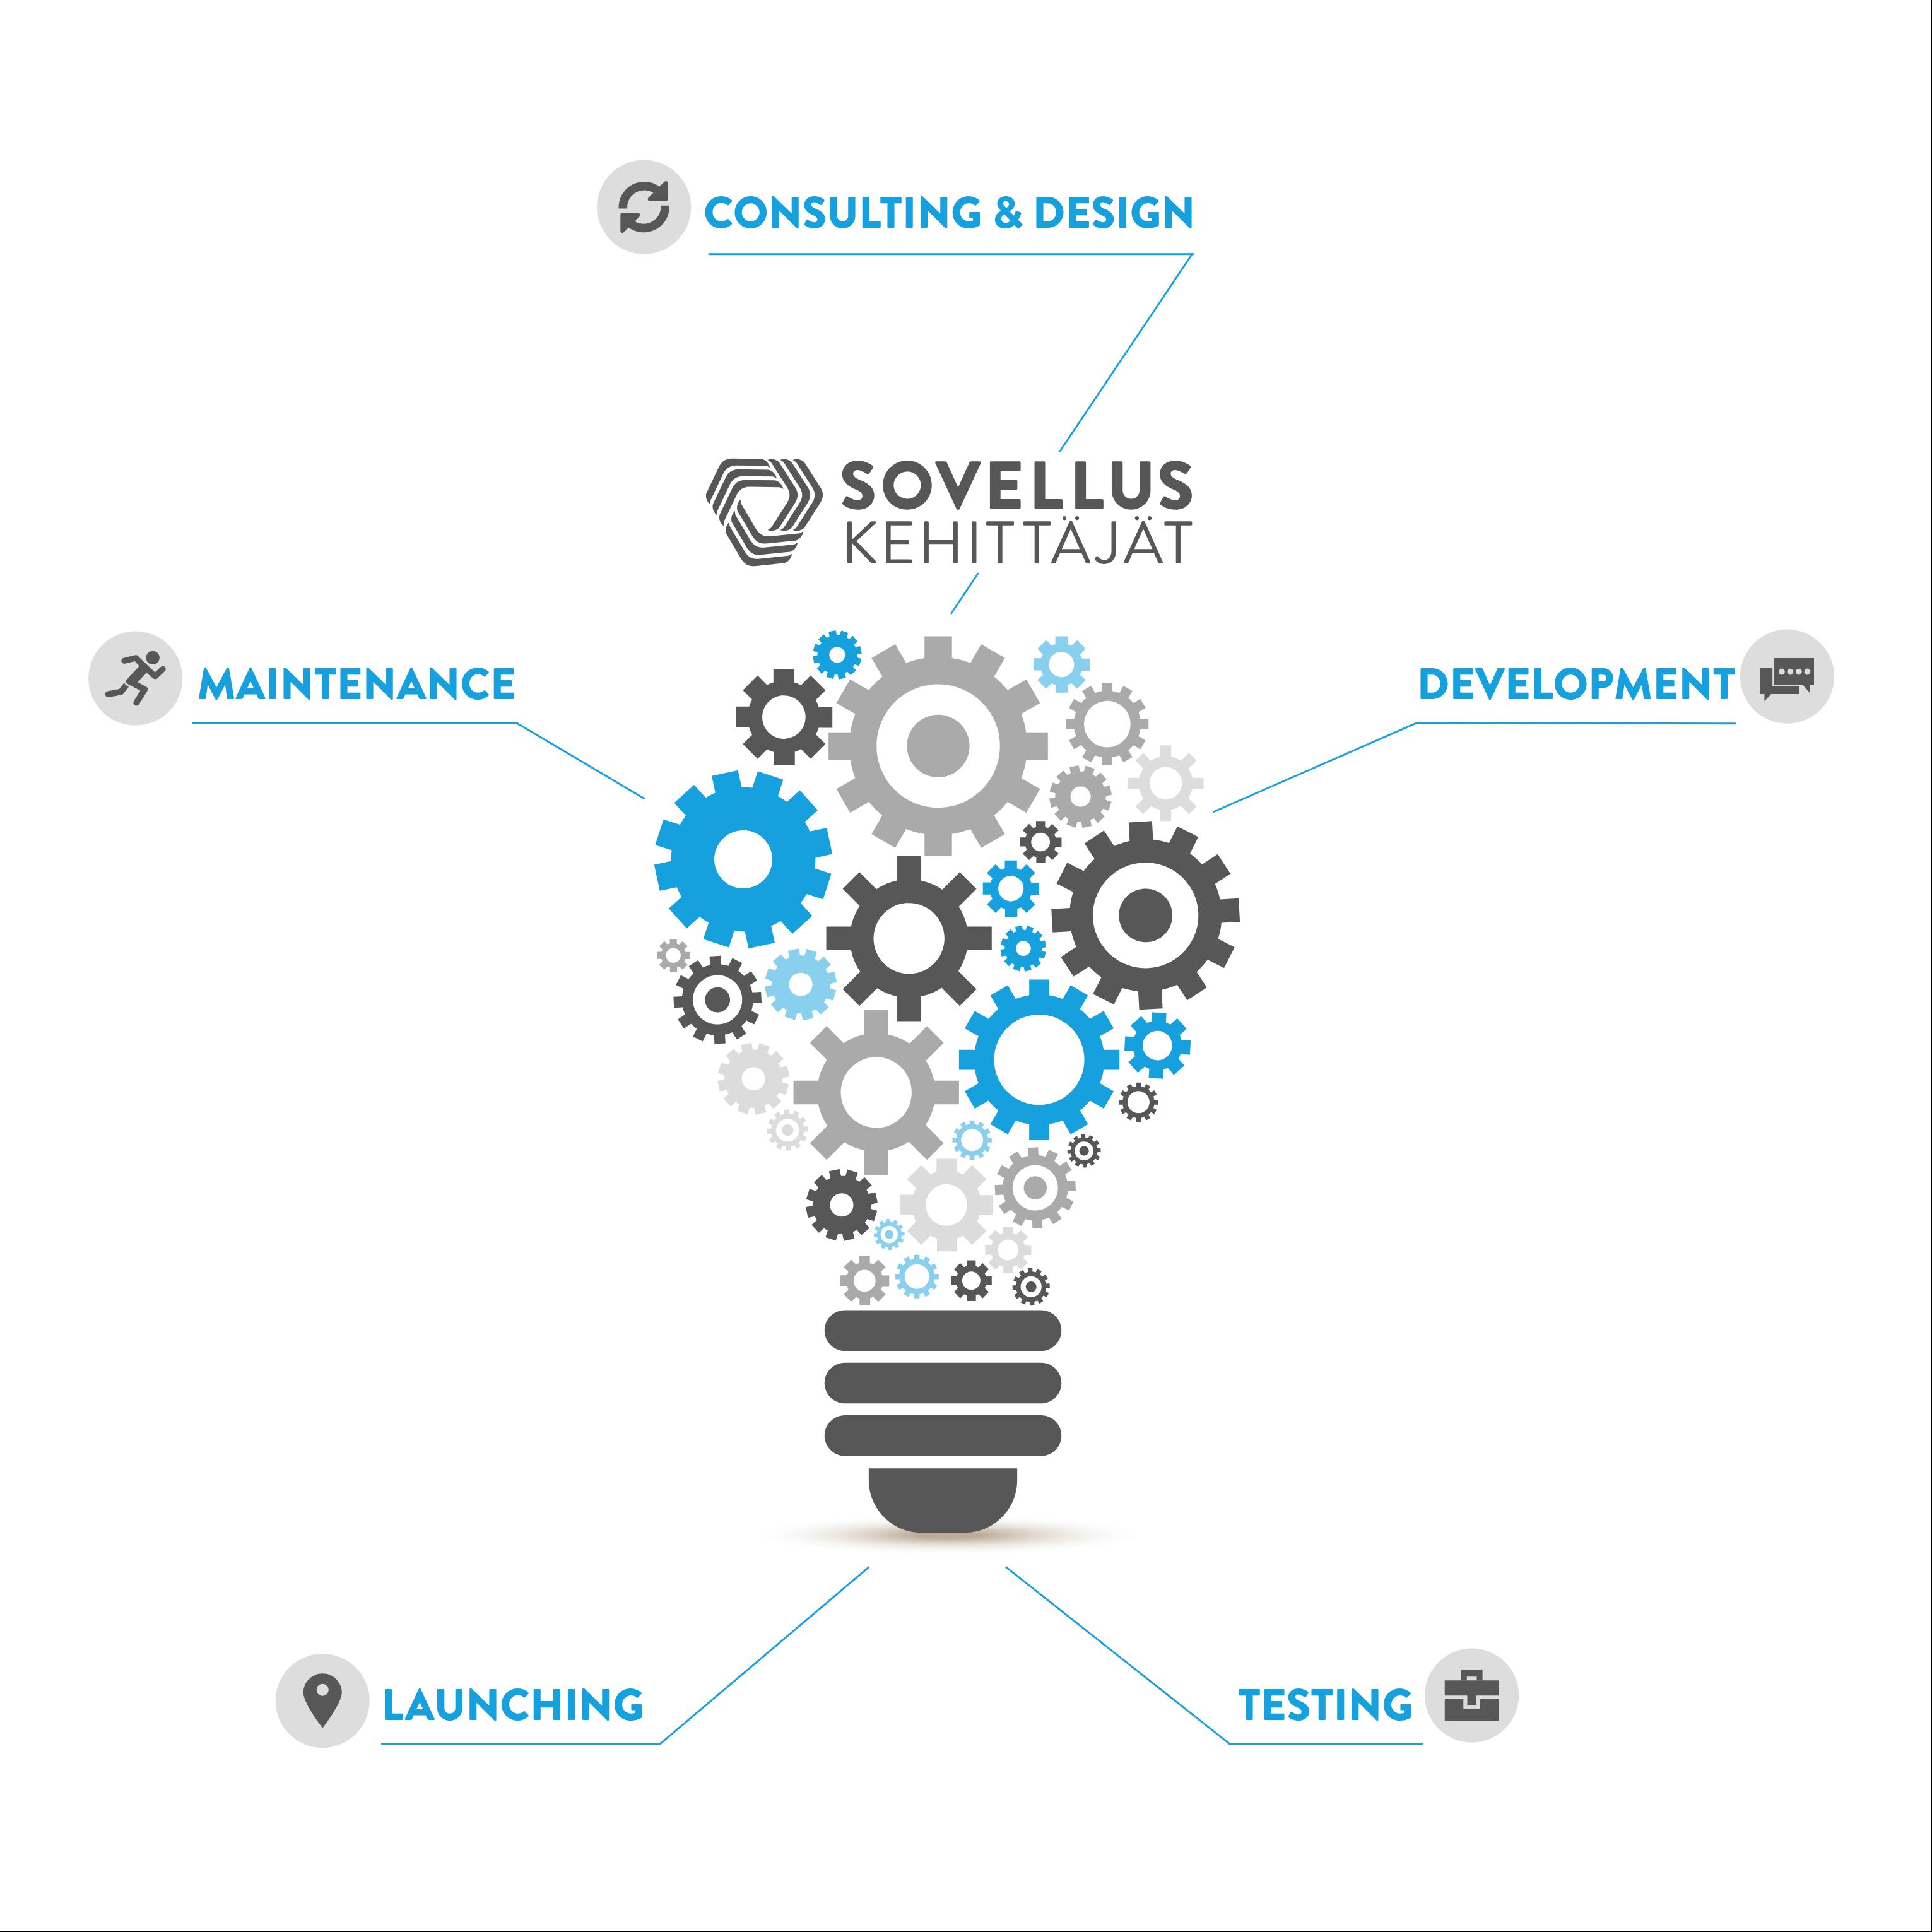 Sovelluskehittäjät application development services